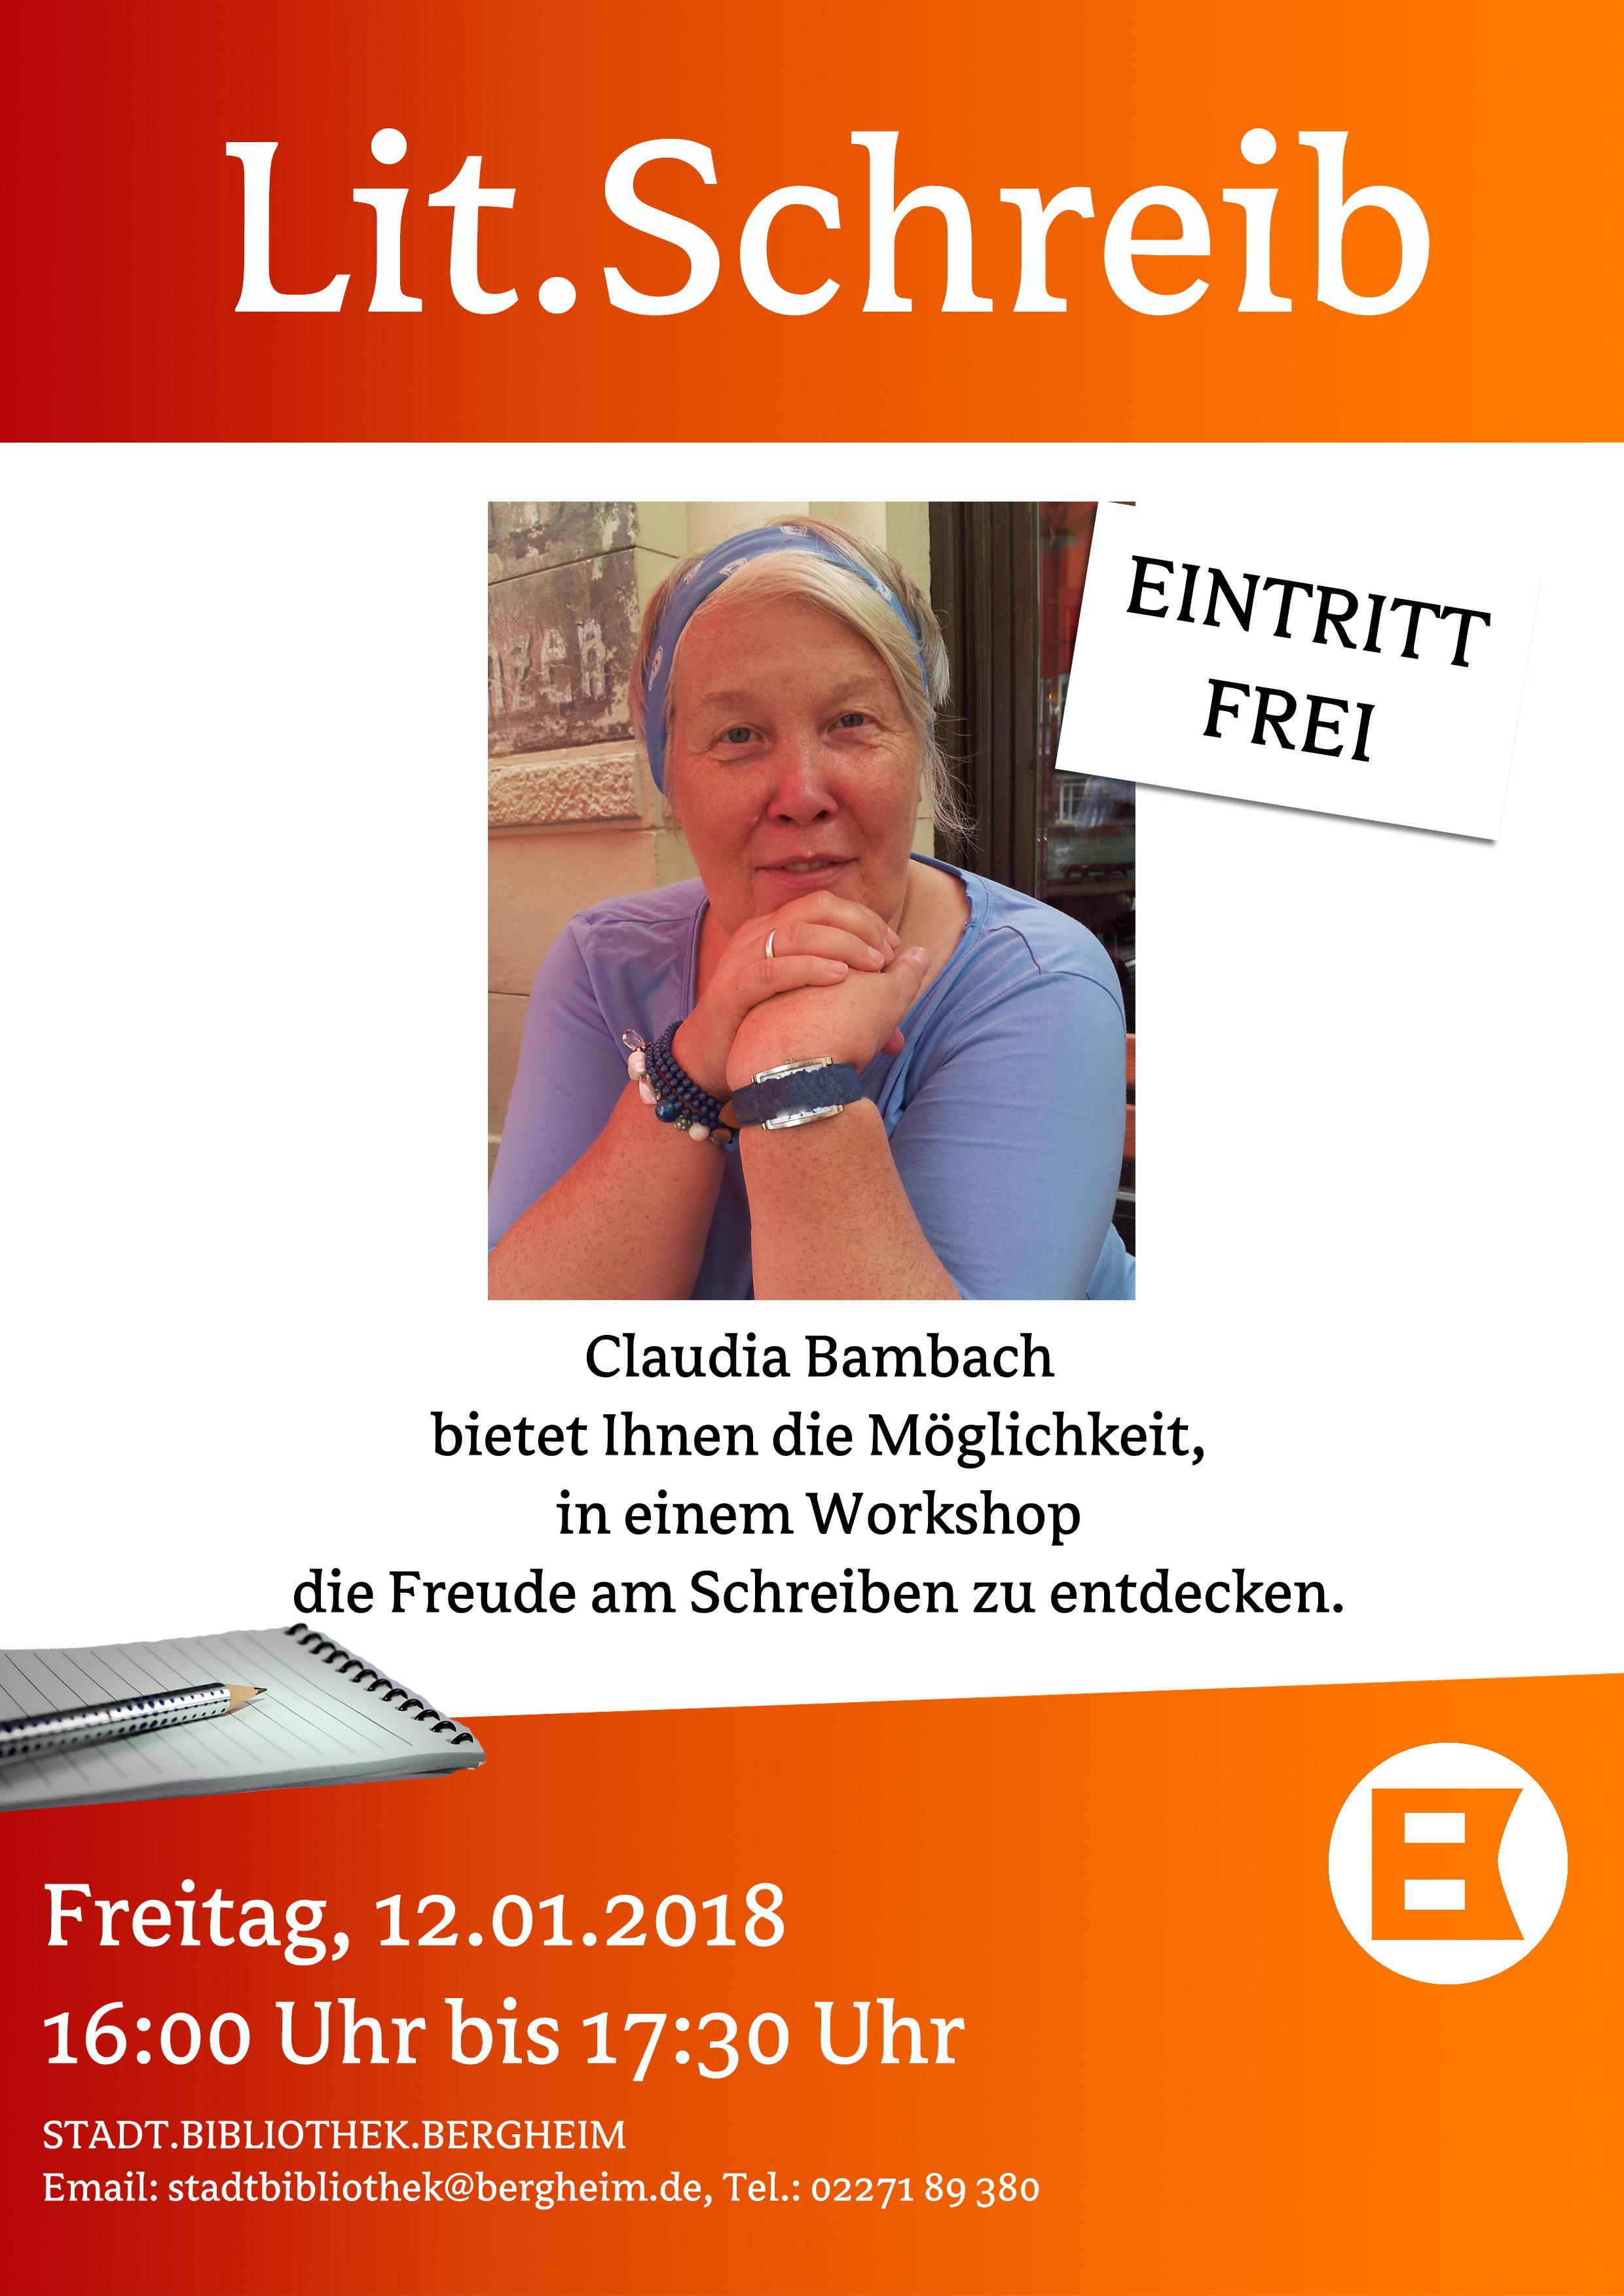 Stadtbibliothek Bergheim > Willkommen